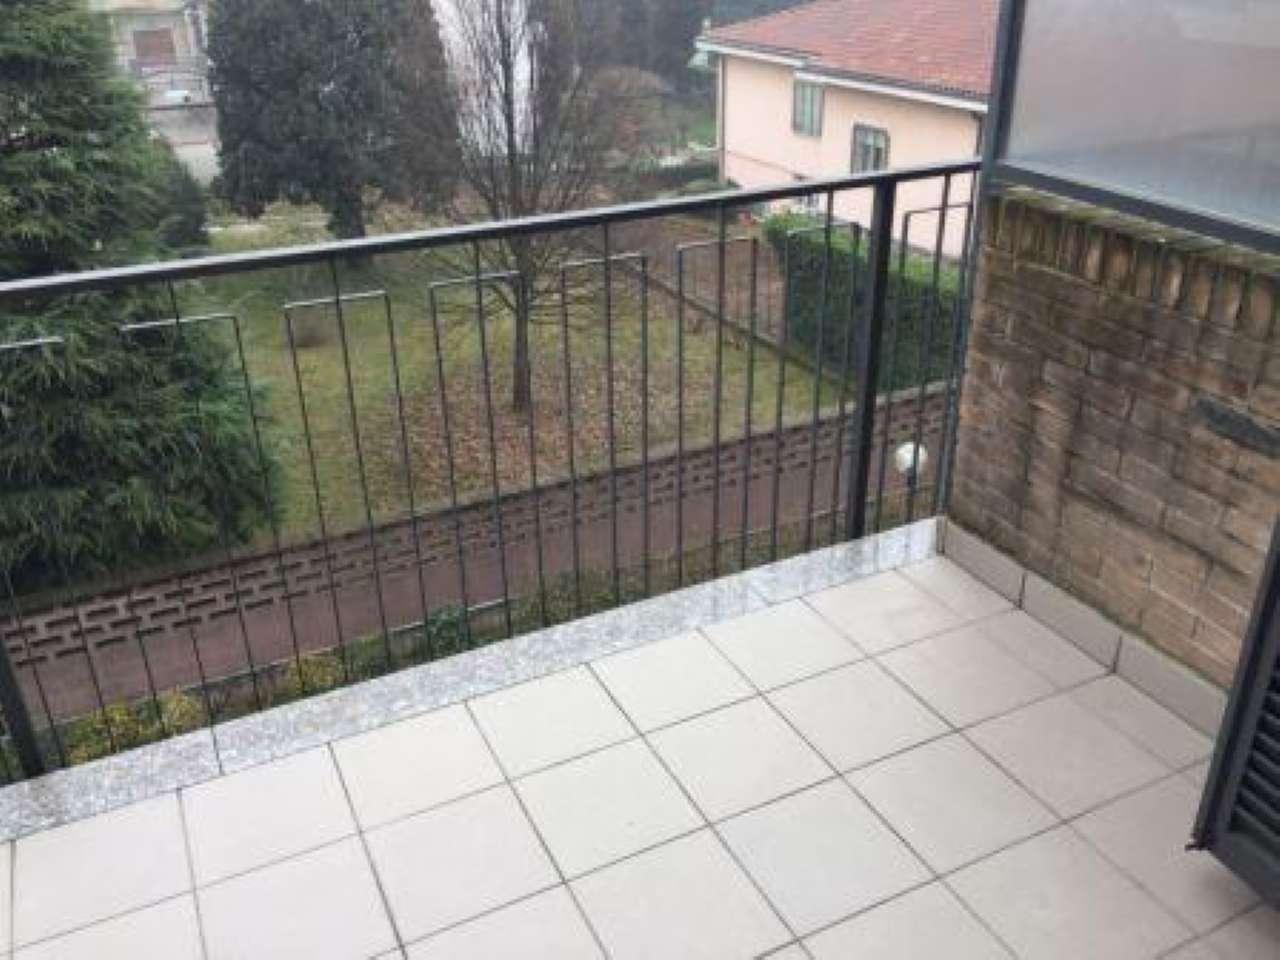 Appartamento in vendita a Gerenzano, 2 locali, prezzo € 122.000 | CambioCasa.it